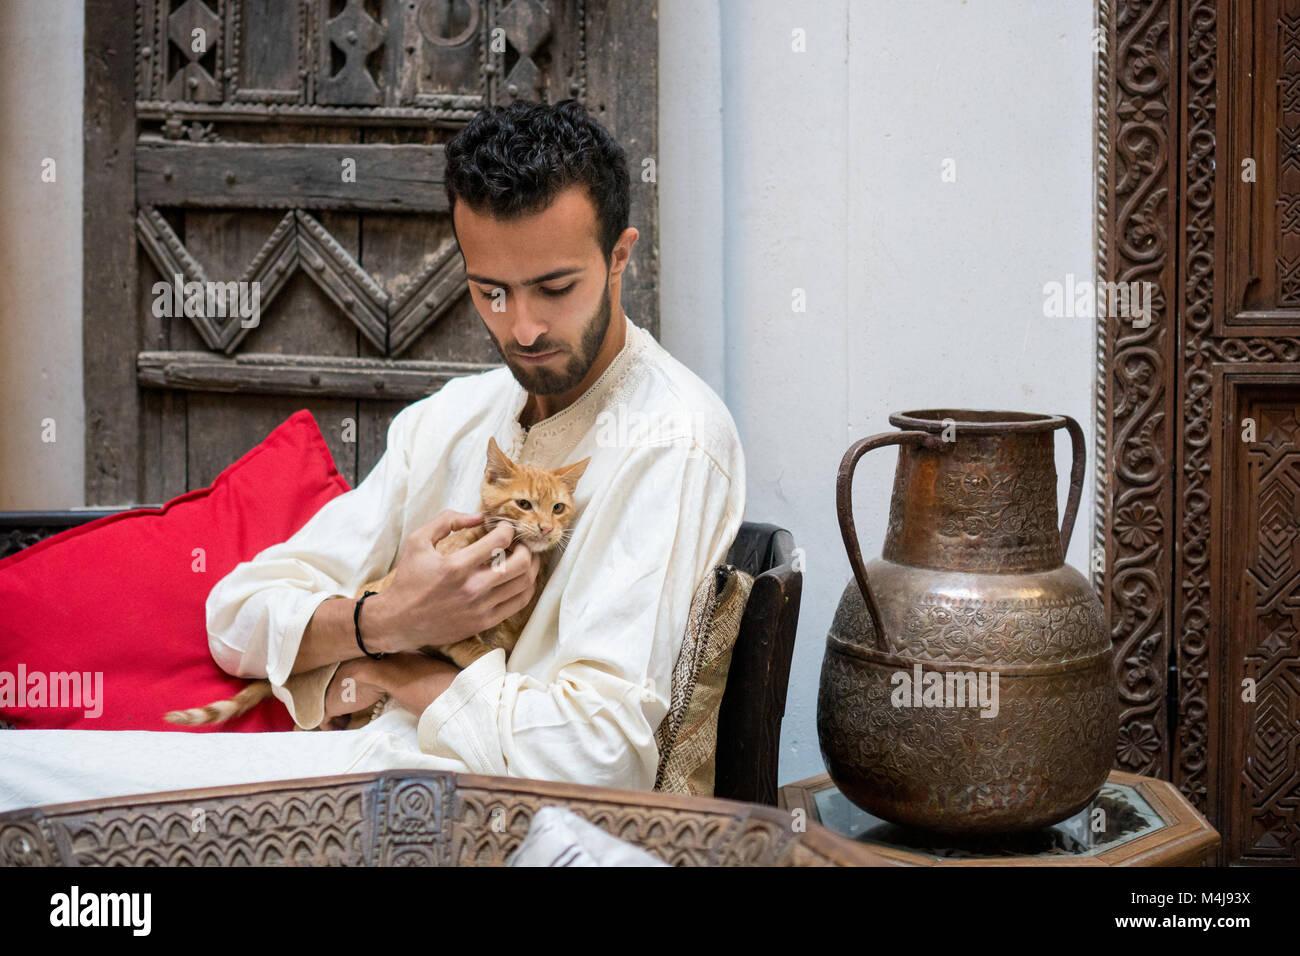 Giovani Musulmani uomo in abbigliamento tradizionale tenendo un gatto giallo di fronte ad una parete decorata Immagini Stock